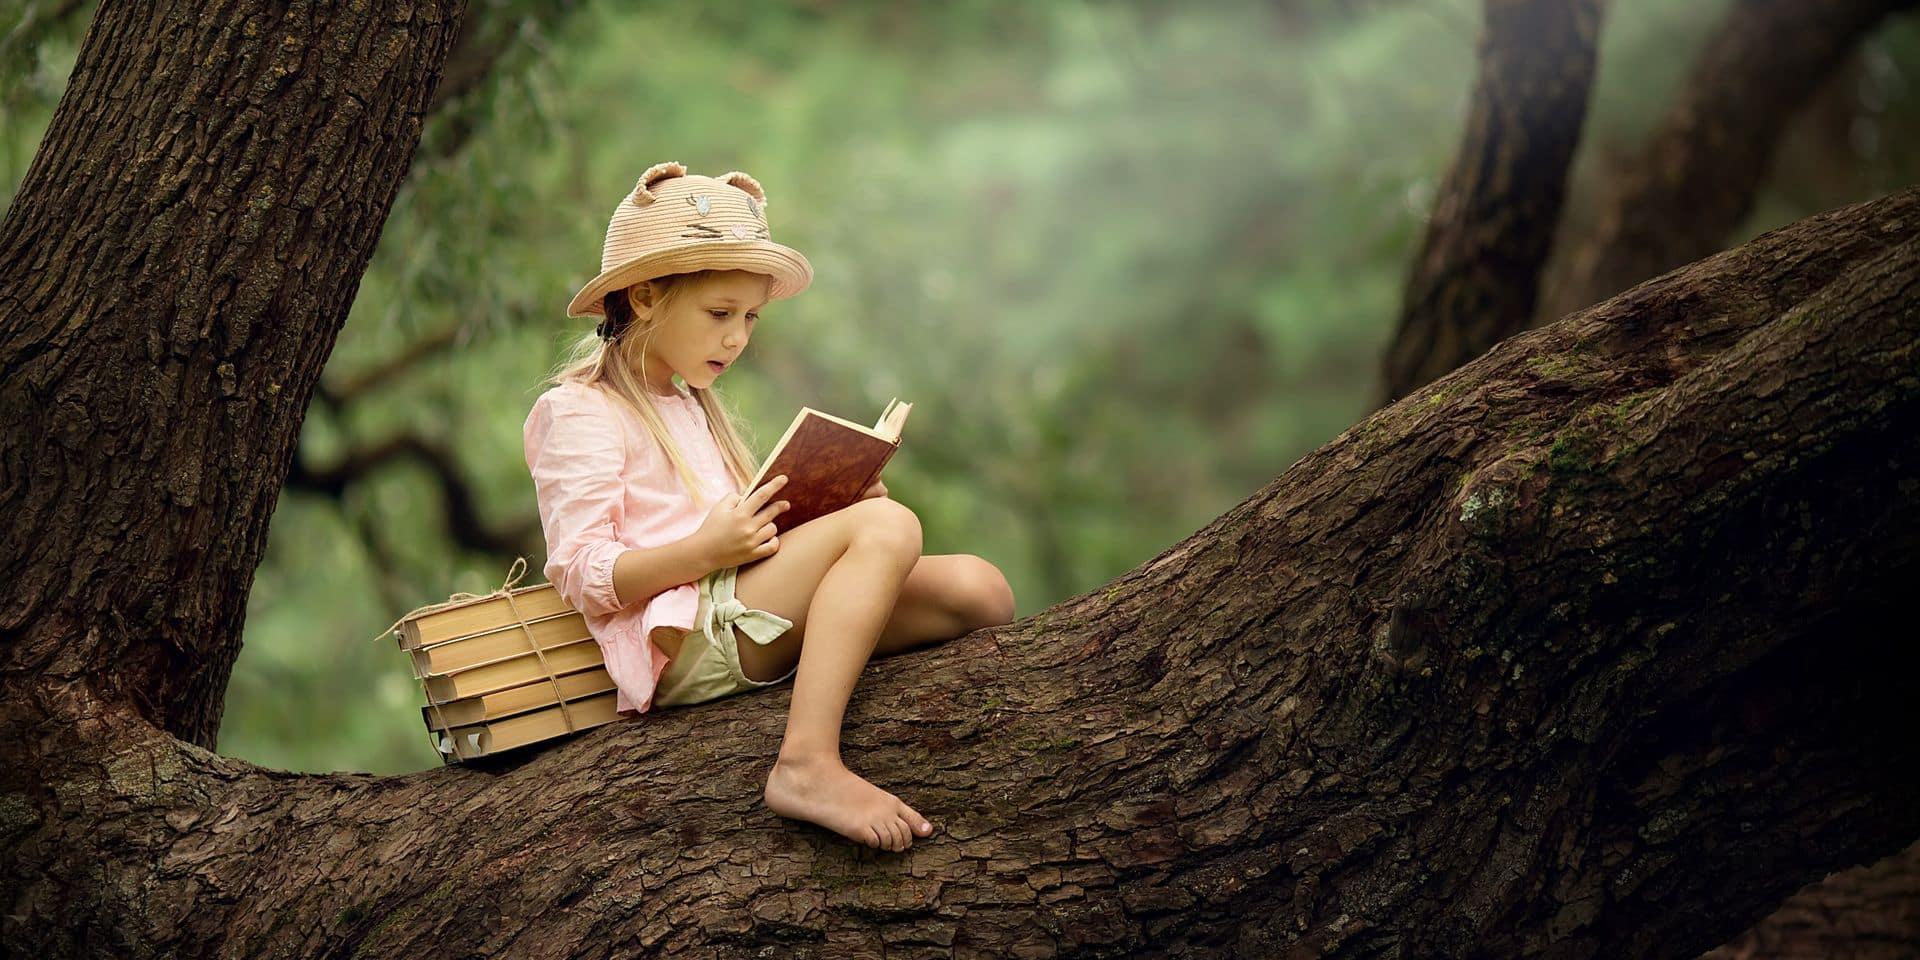 Mer ou montagne, jardin ou rivière : des albums d'été pour nos enfants (SELECTION)